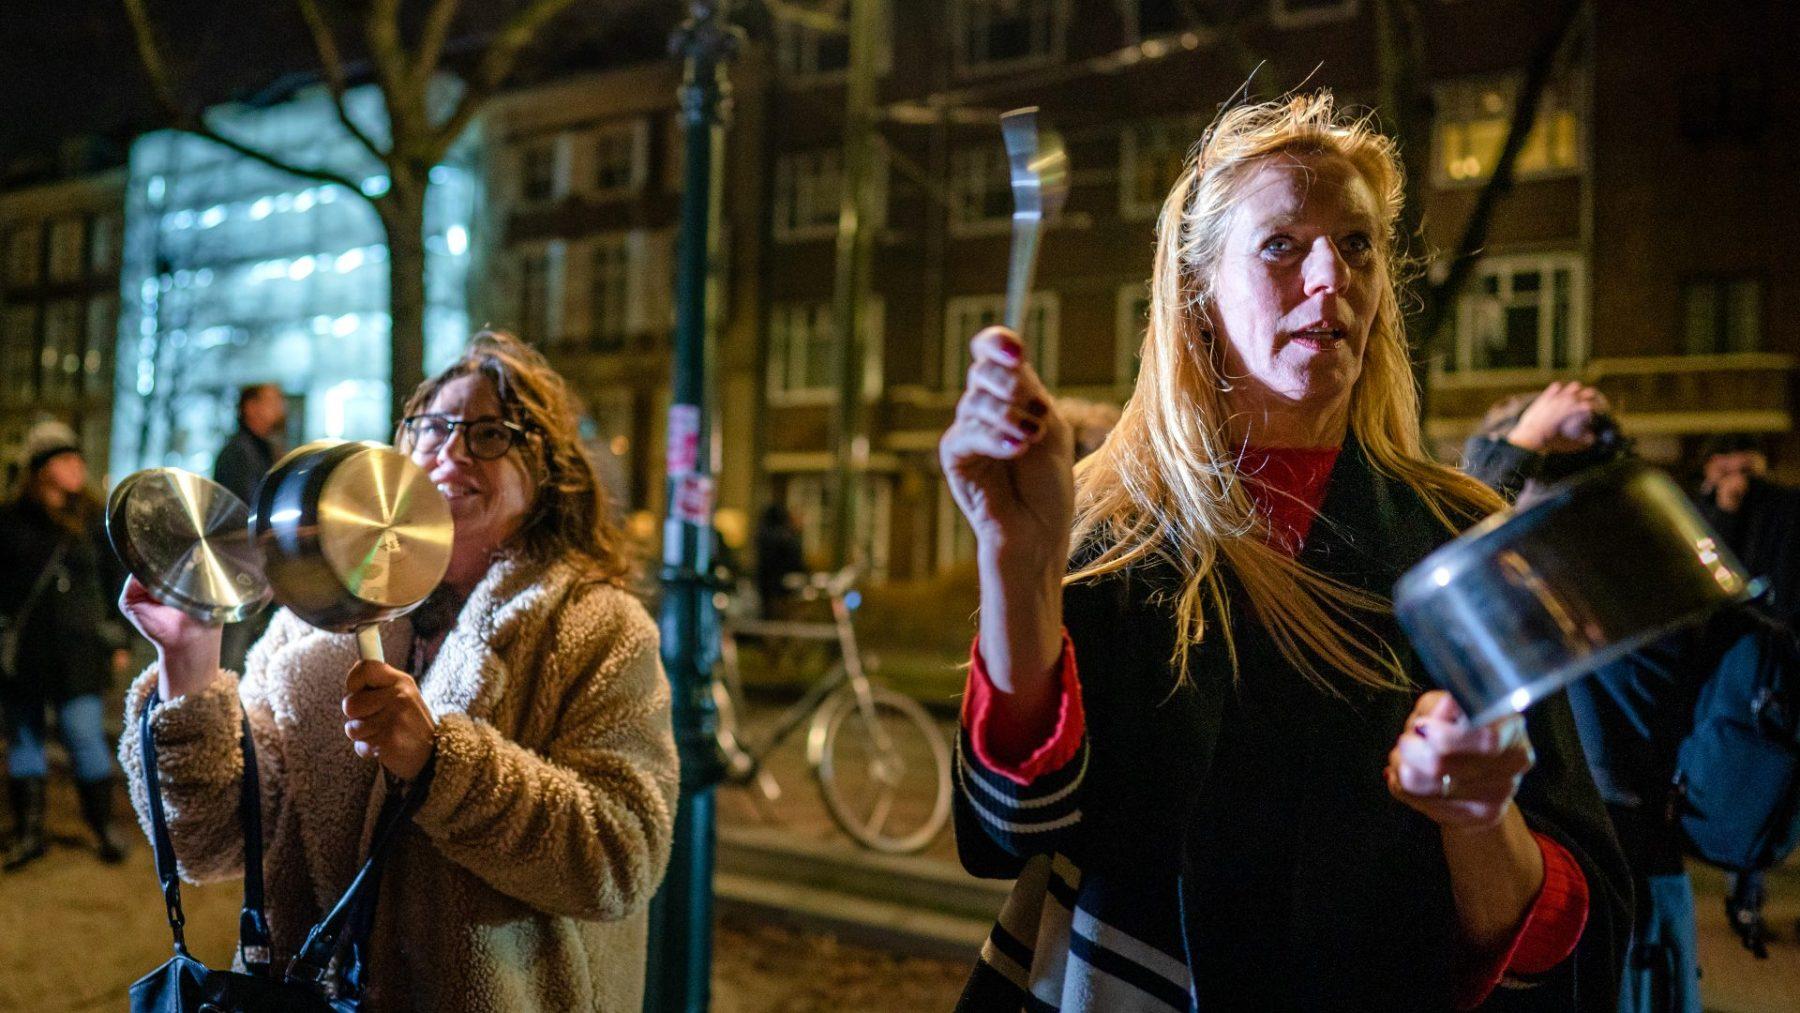 Kijkers van toespraak Rutten vallen over demonstranten: 'Kan iemand die verdwaalde scheidsrechters weghalen?'